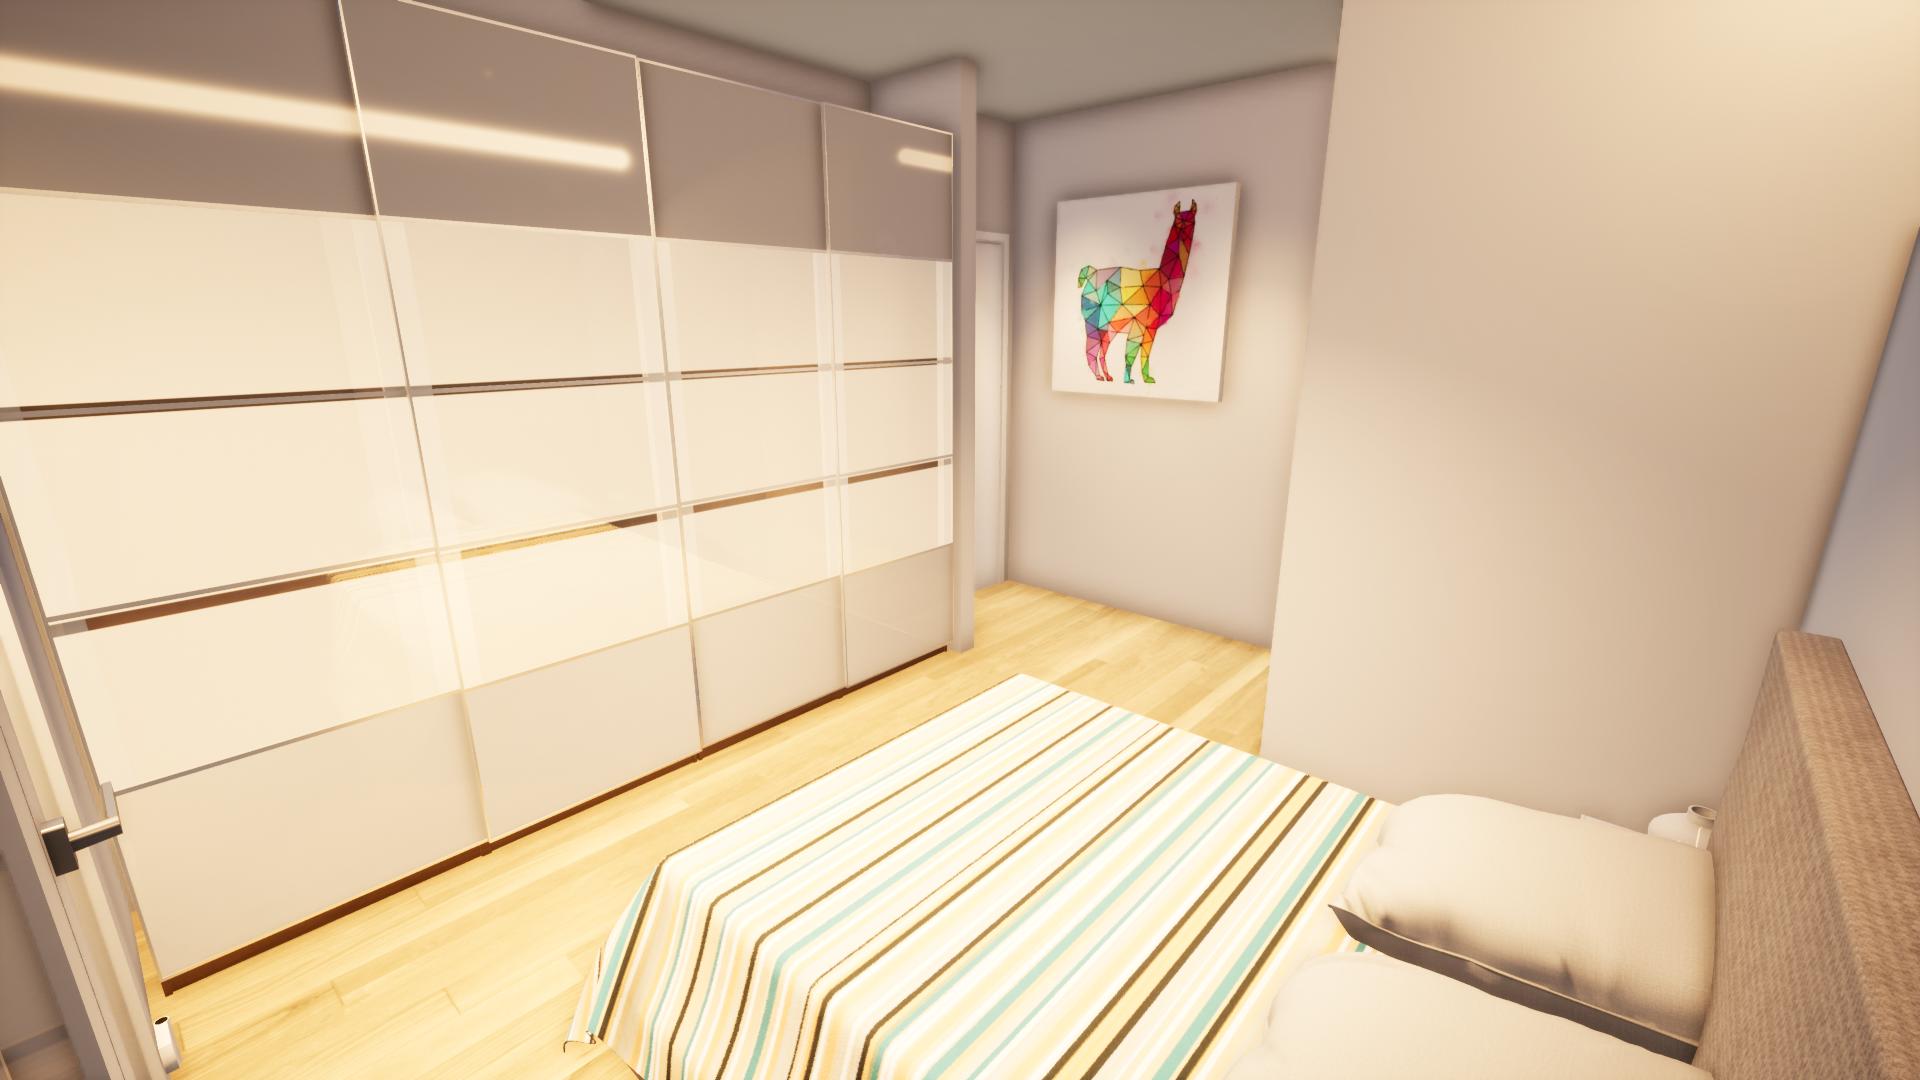 Dormitorio de reforma integral en Zaragoza